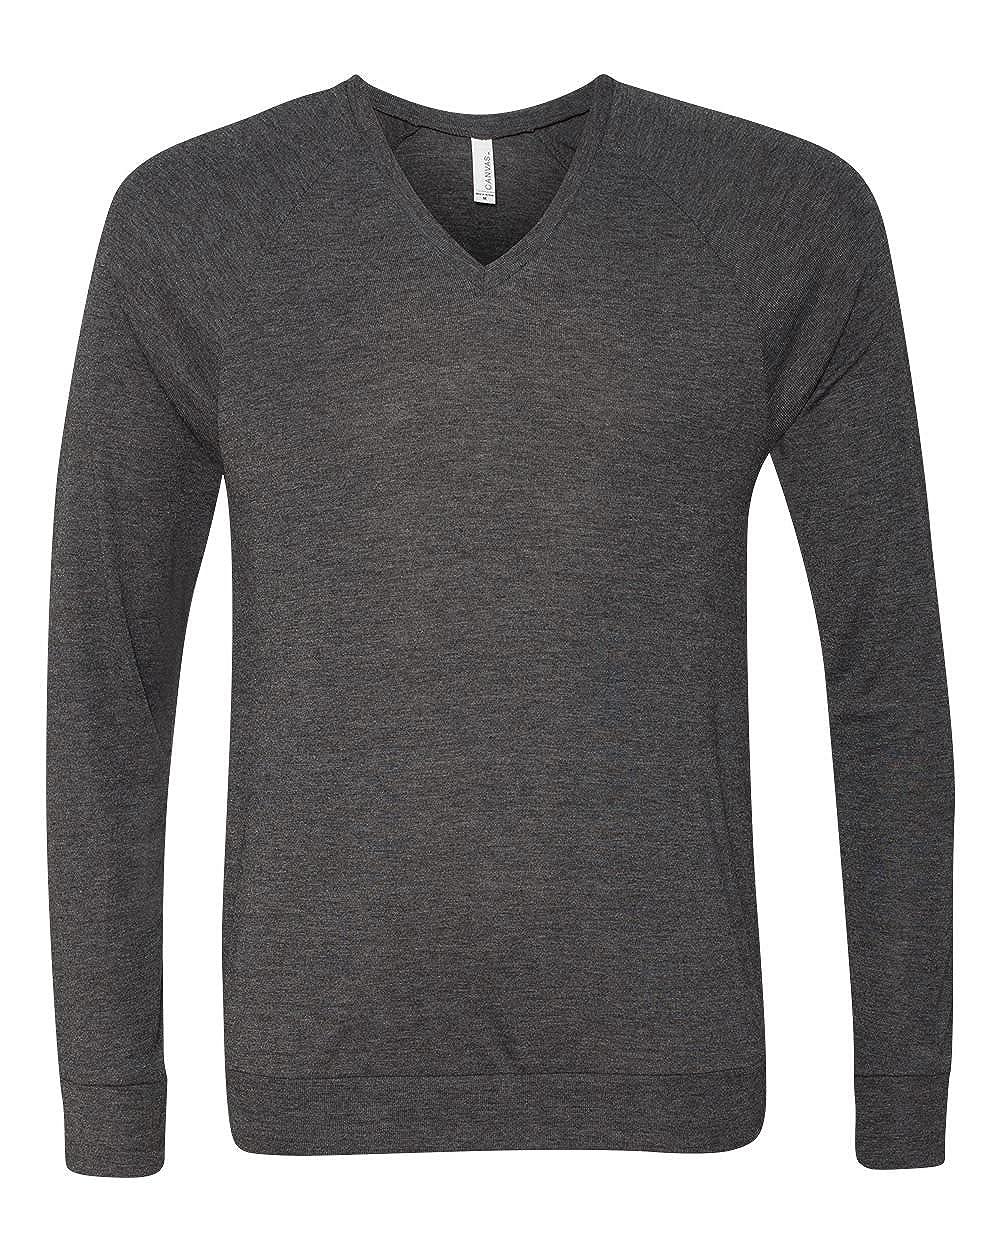 Bella Canvas Unisex V-Neck Lightweight SweaterM DK GREY HEATHER 3985